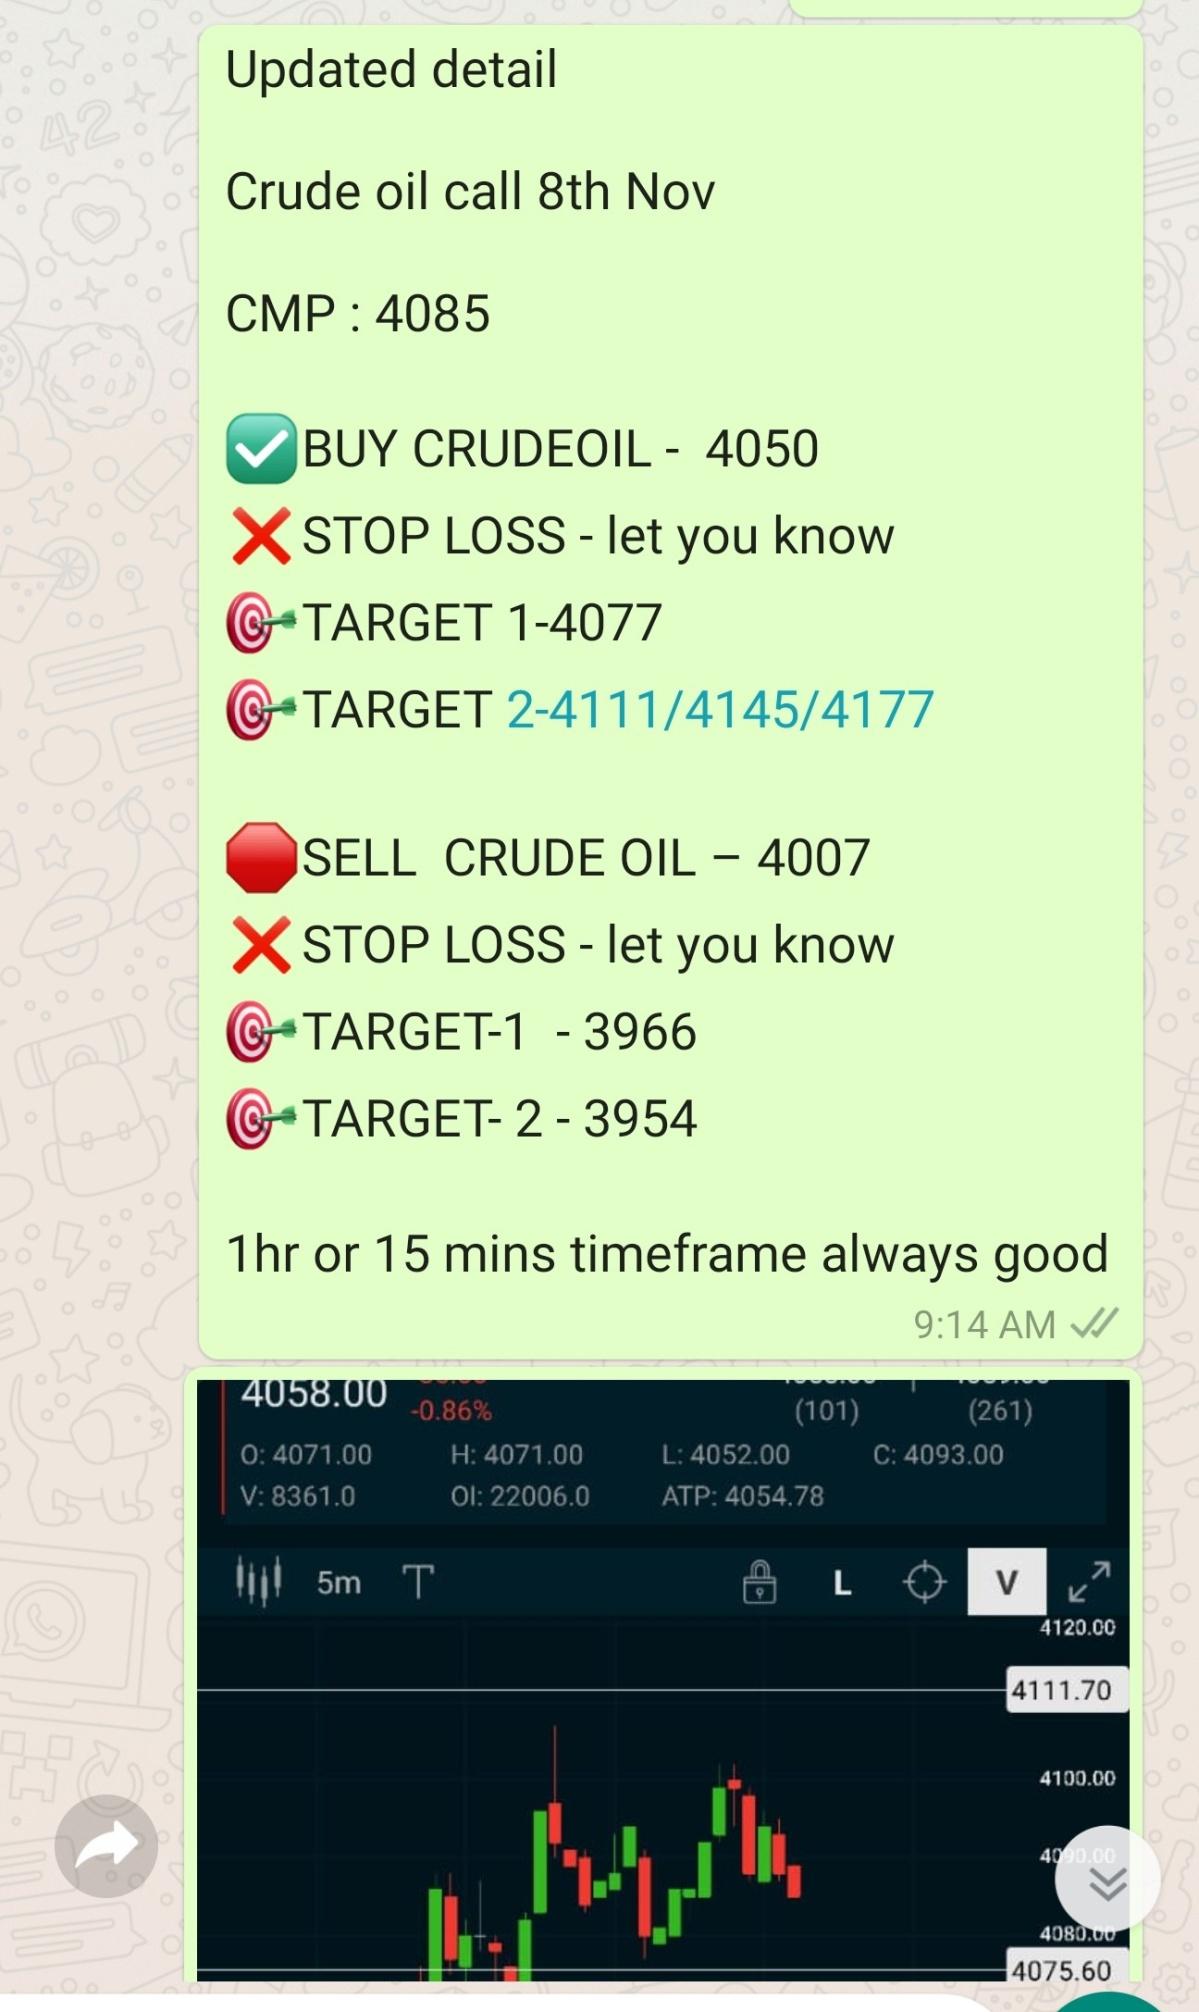 @arul's activity - 432303